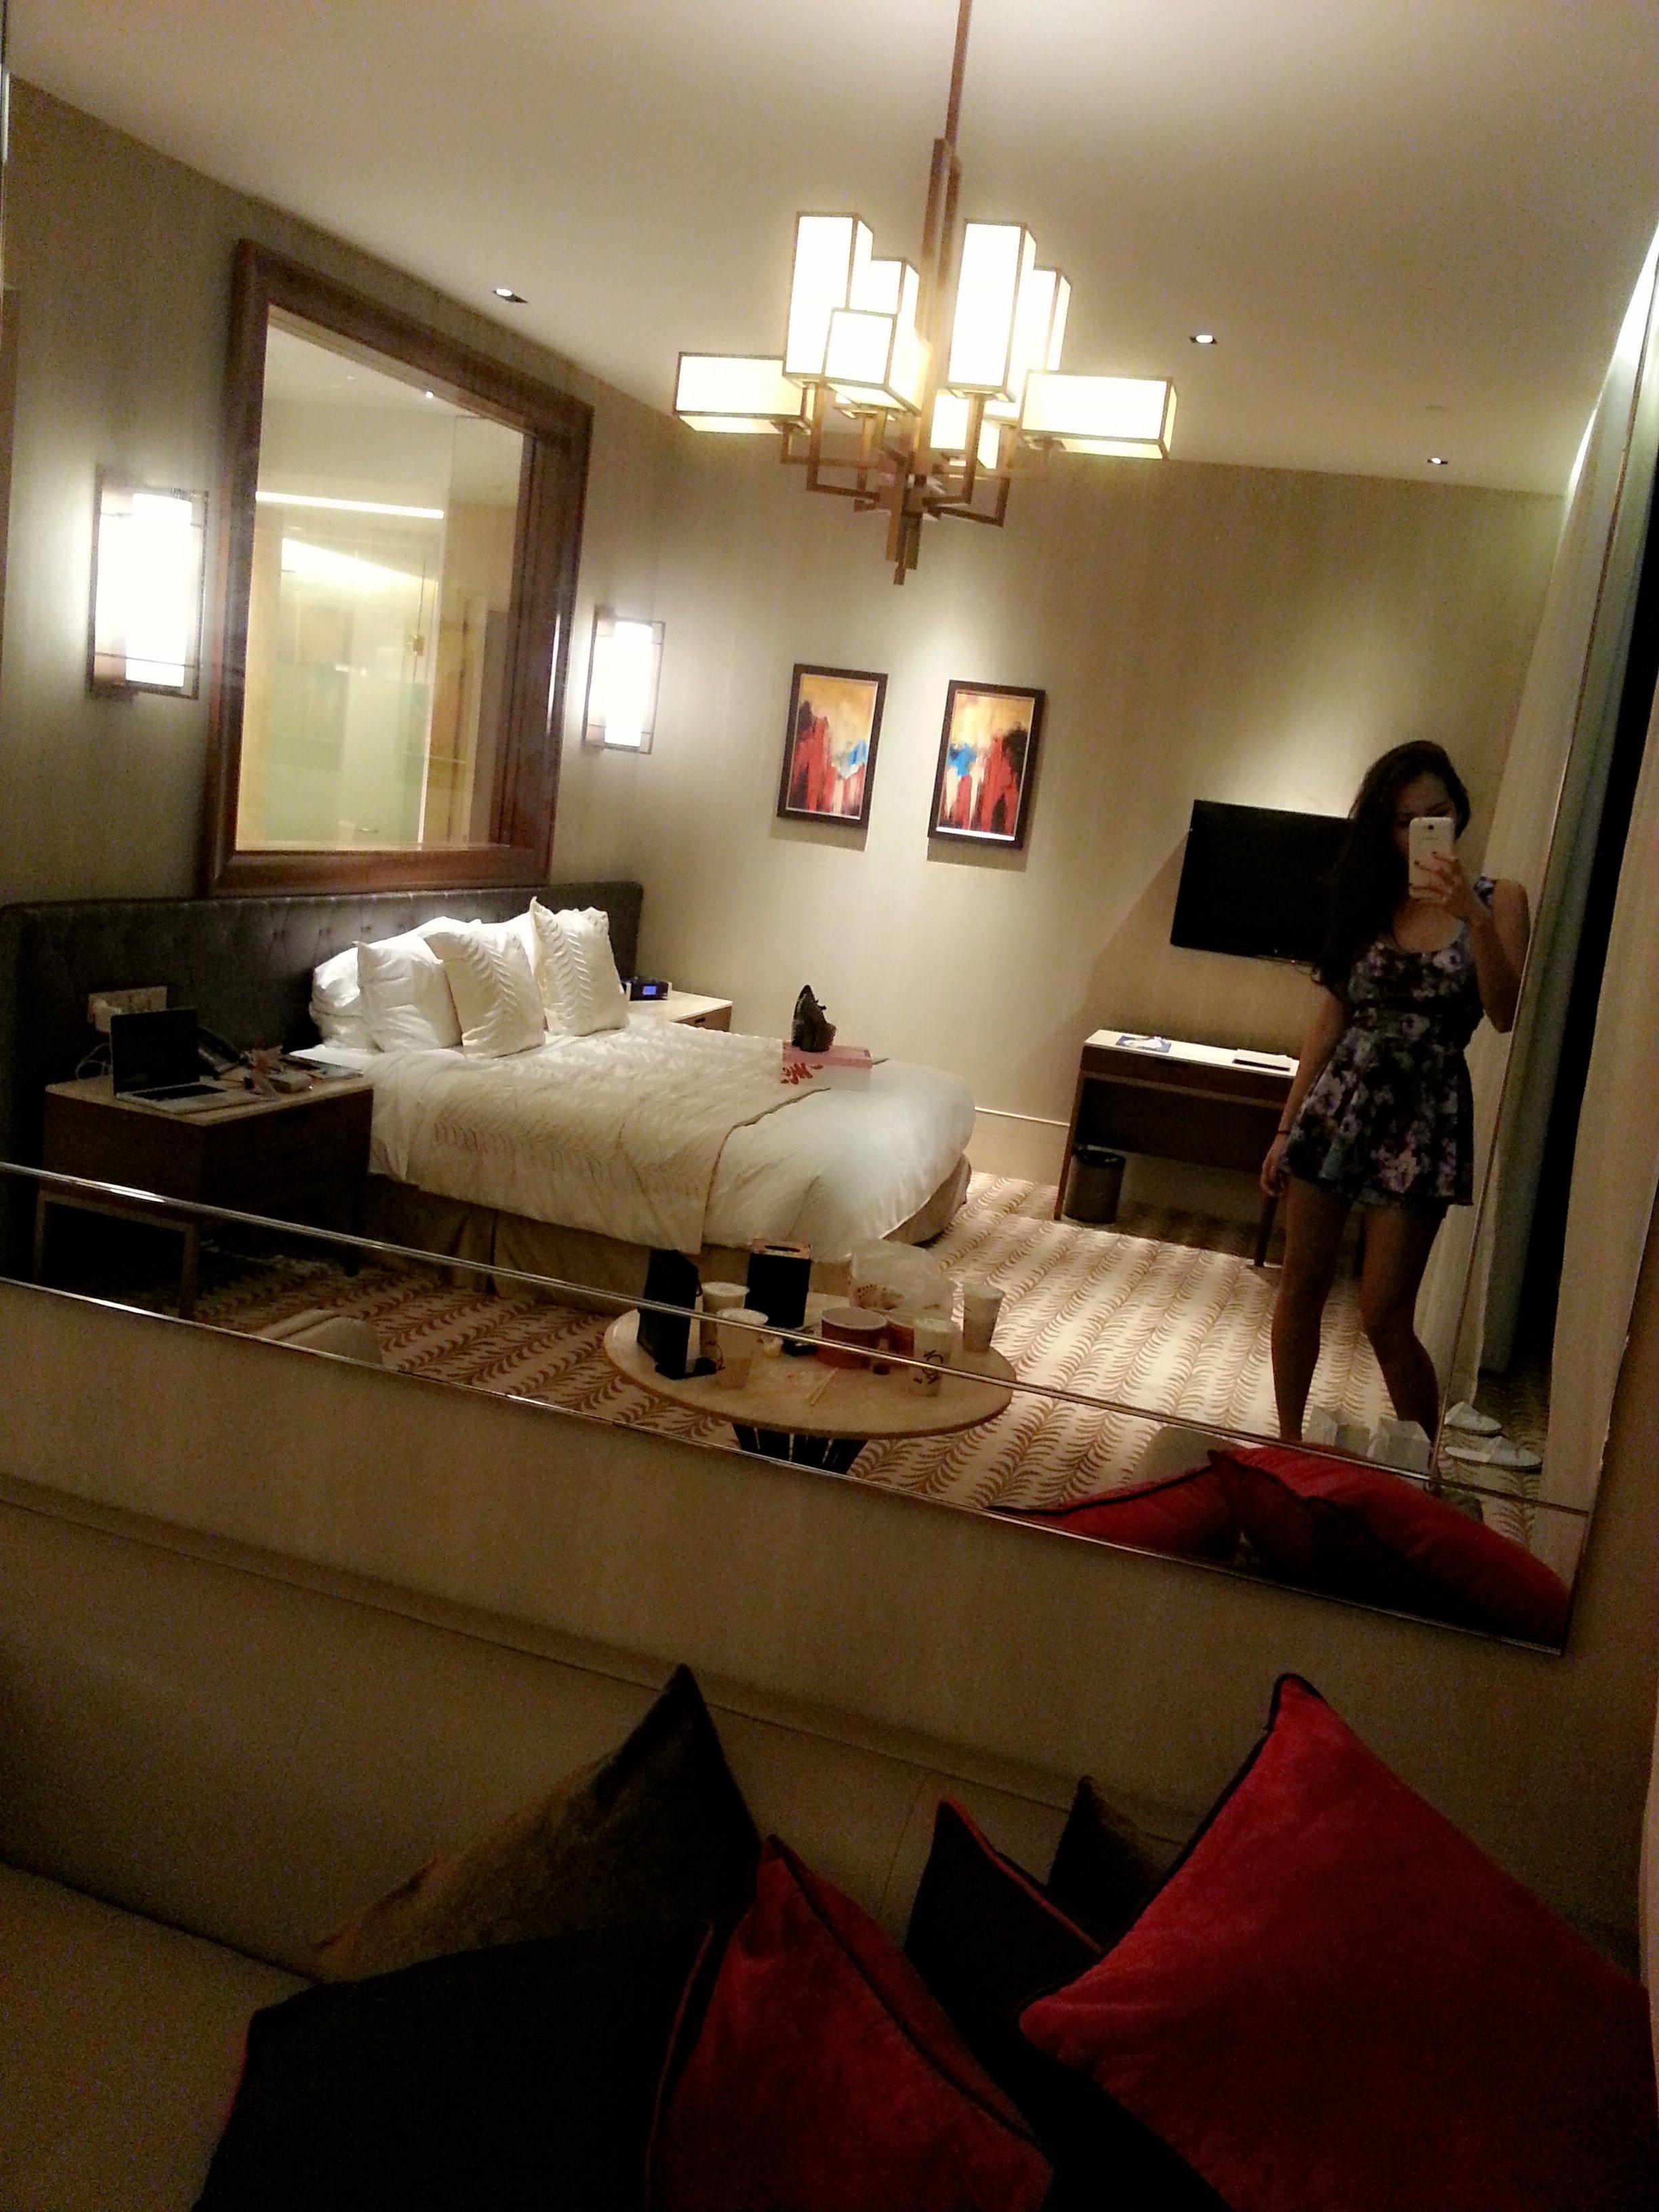 equarius hotel deluxe suites. The Equarius Hotel Deluxe Suites C